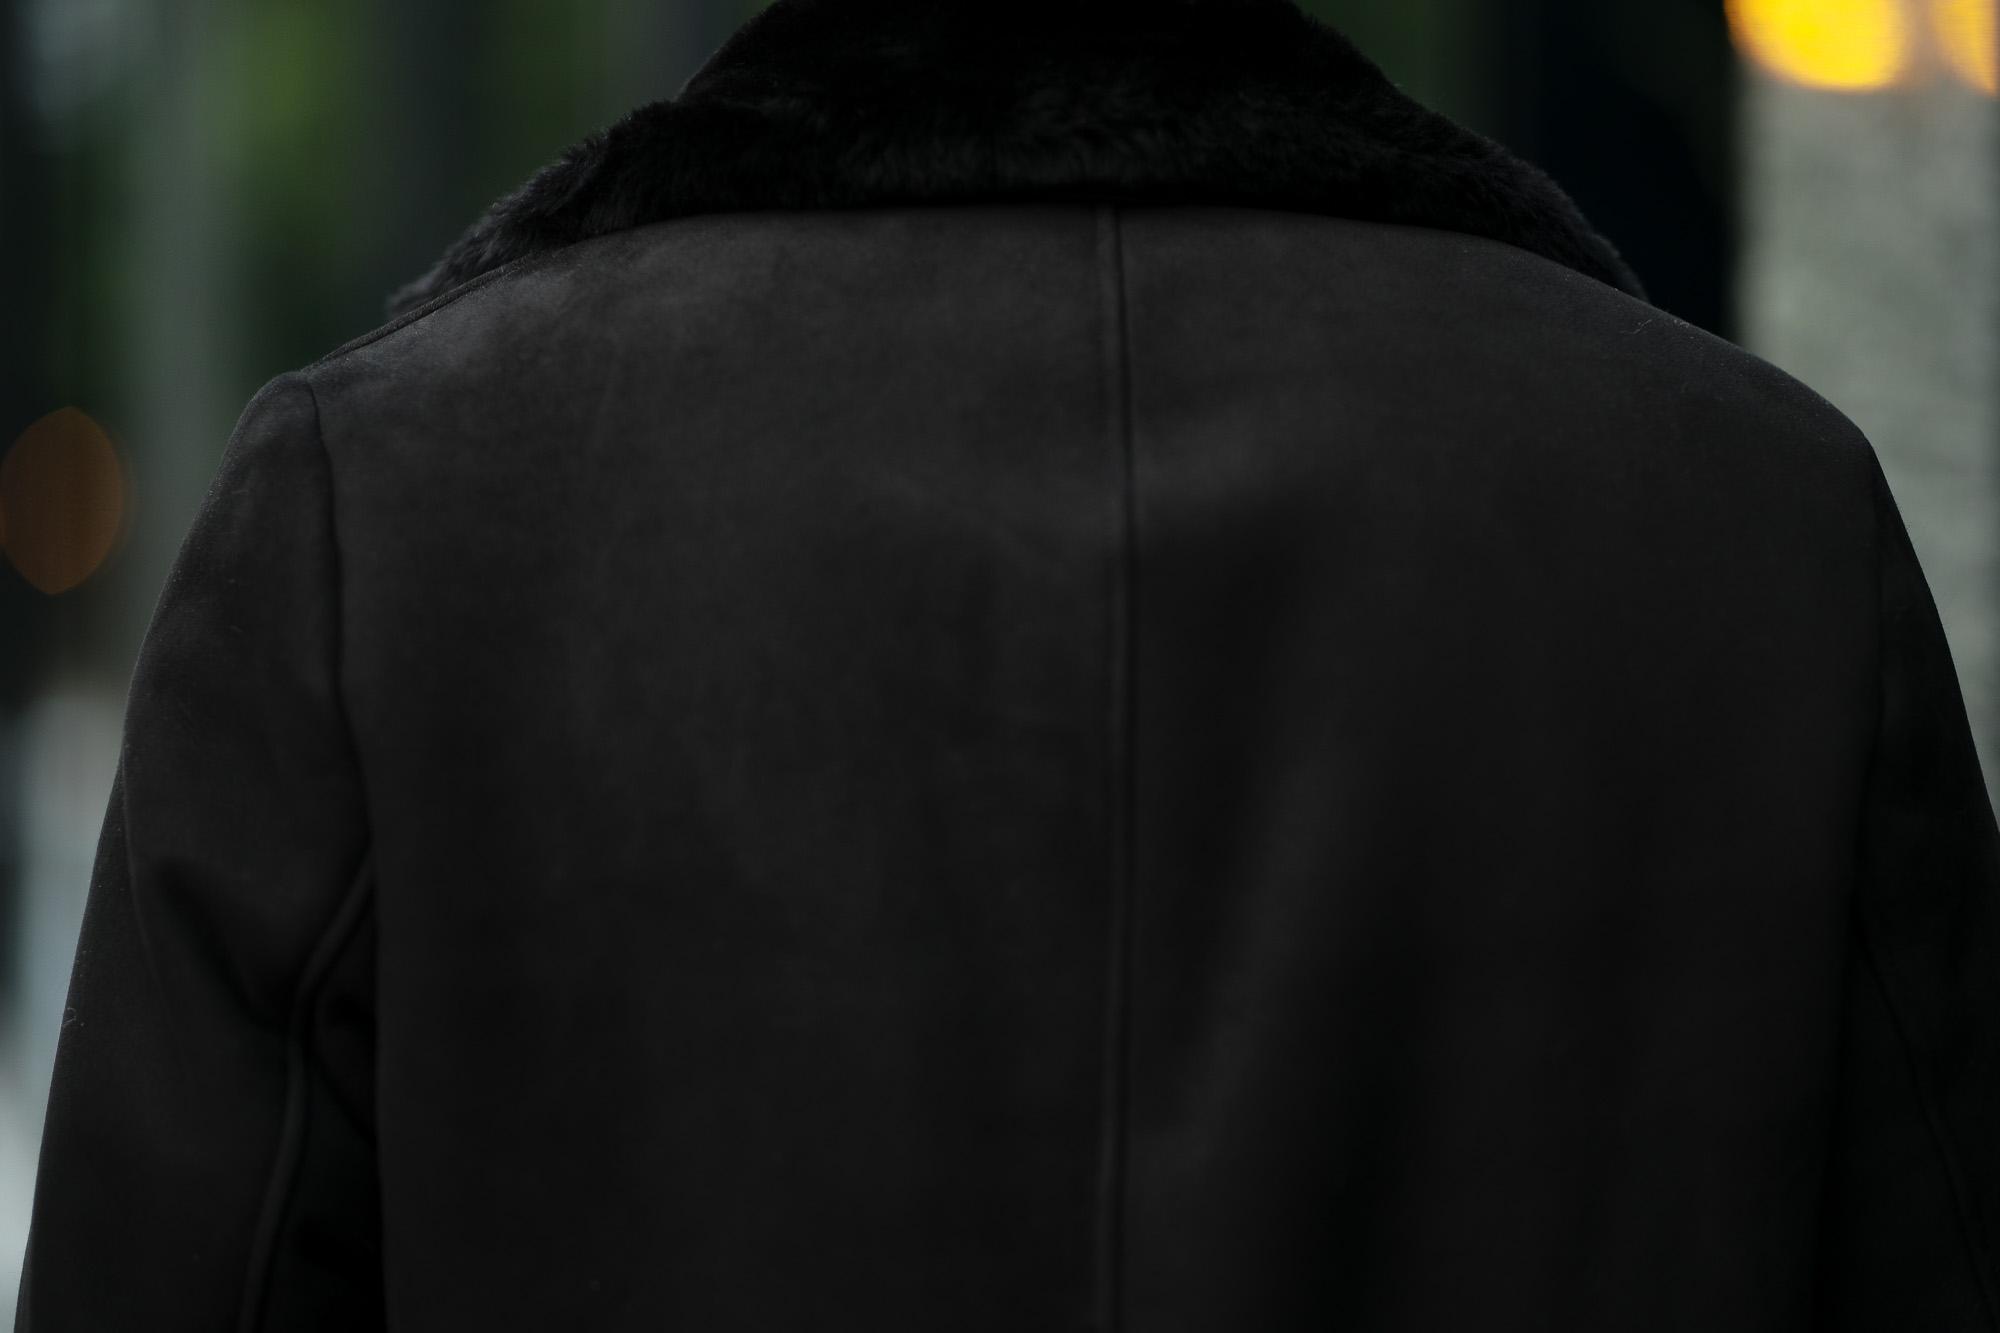 EMMETI (エンメティ) NAT (ナット) Merino Mouton (メリノ ムートン) シングル ムートンコート NERO (ブラック) Made in italy (イタリア製) 2020秋冬新作 愛知 名古屋 alto e diritto アルトエデリット altoediritto